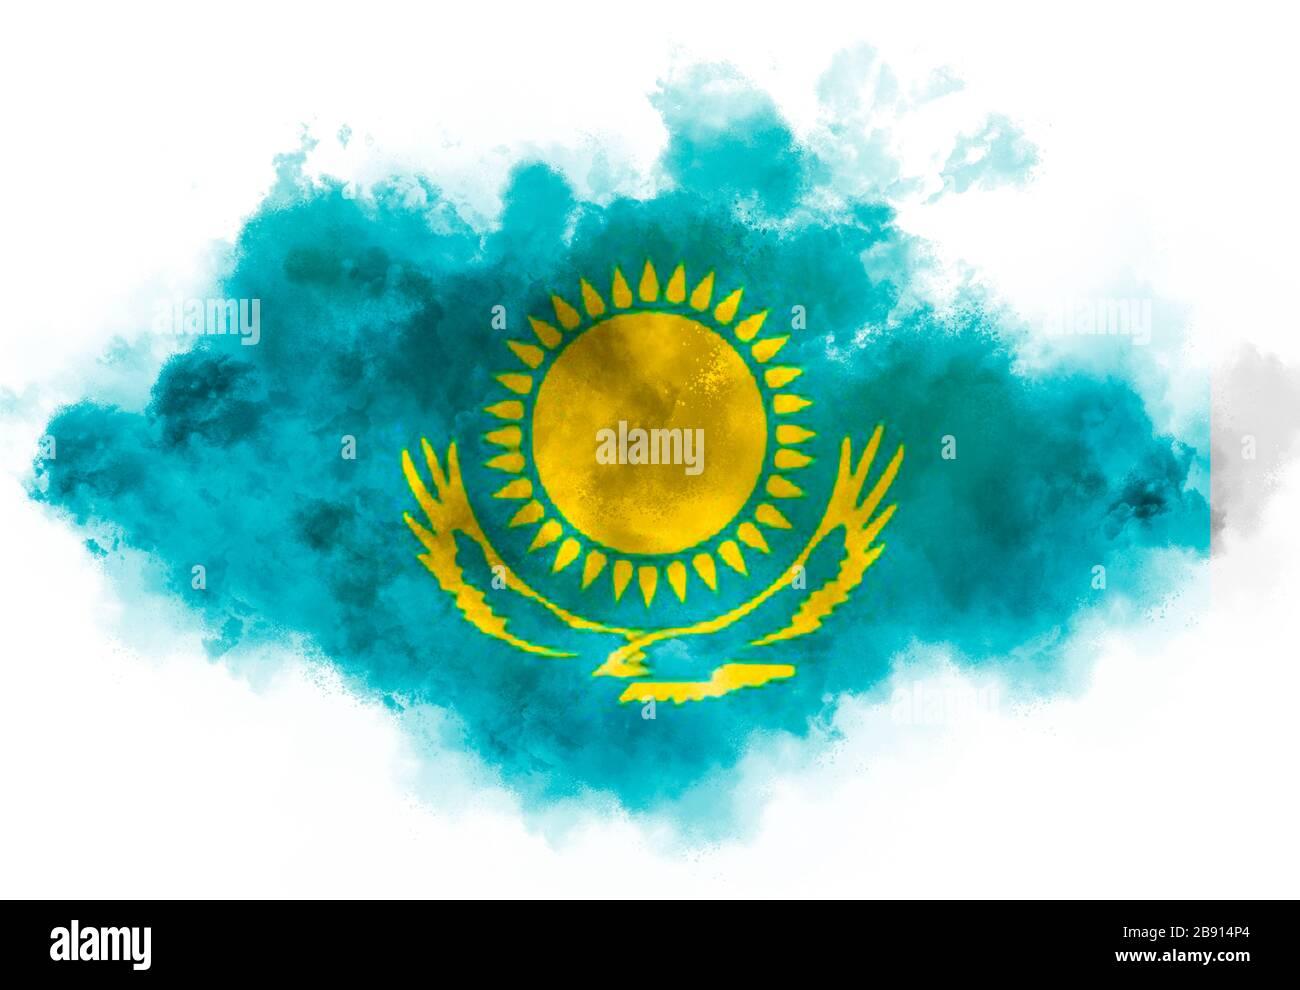 Calamita da frigorifero con illustrazione di mappa e bandiera del Kazakistan